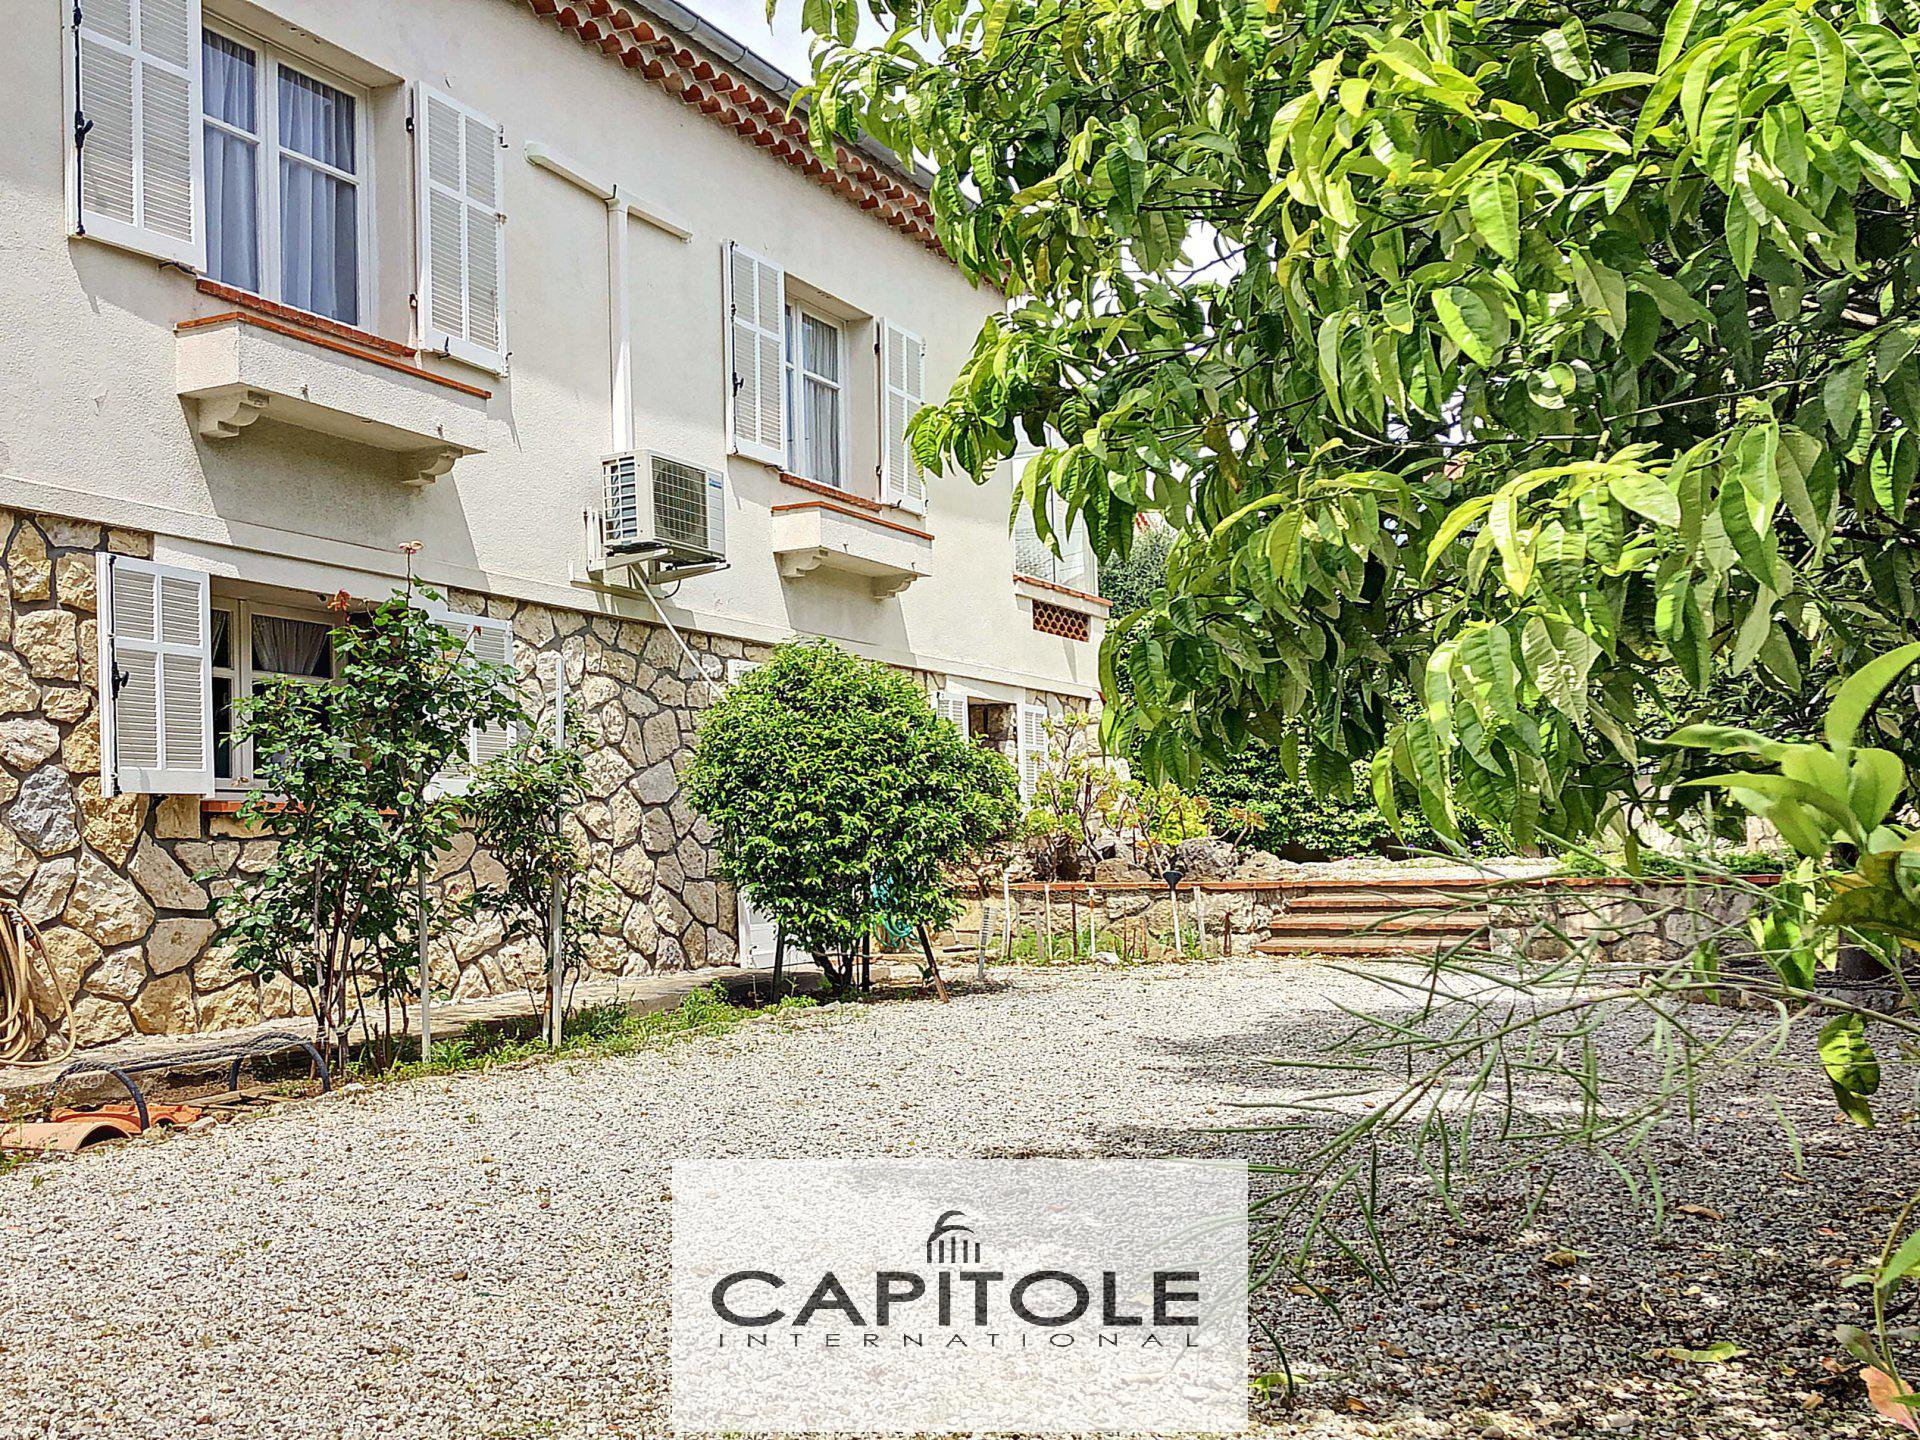 A vendre, Juan-les-Pins centre-ville, maison de 165 m², garage, plages, commerces